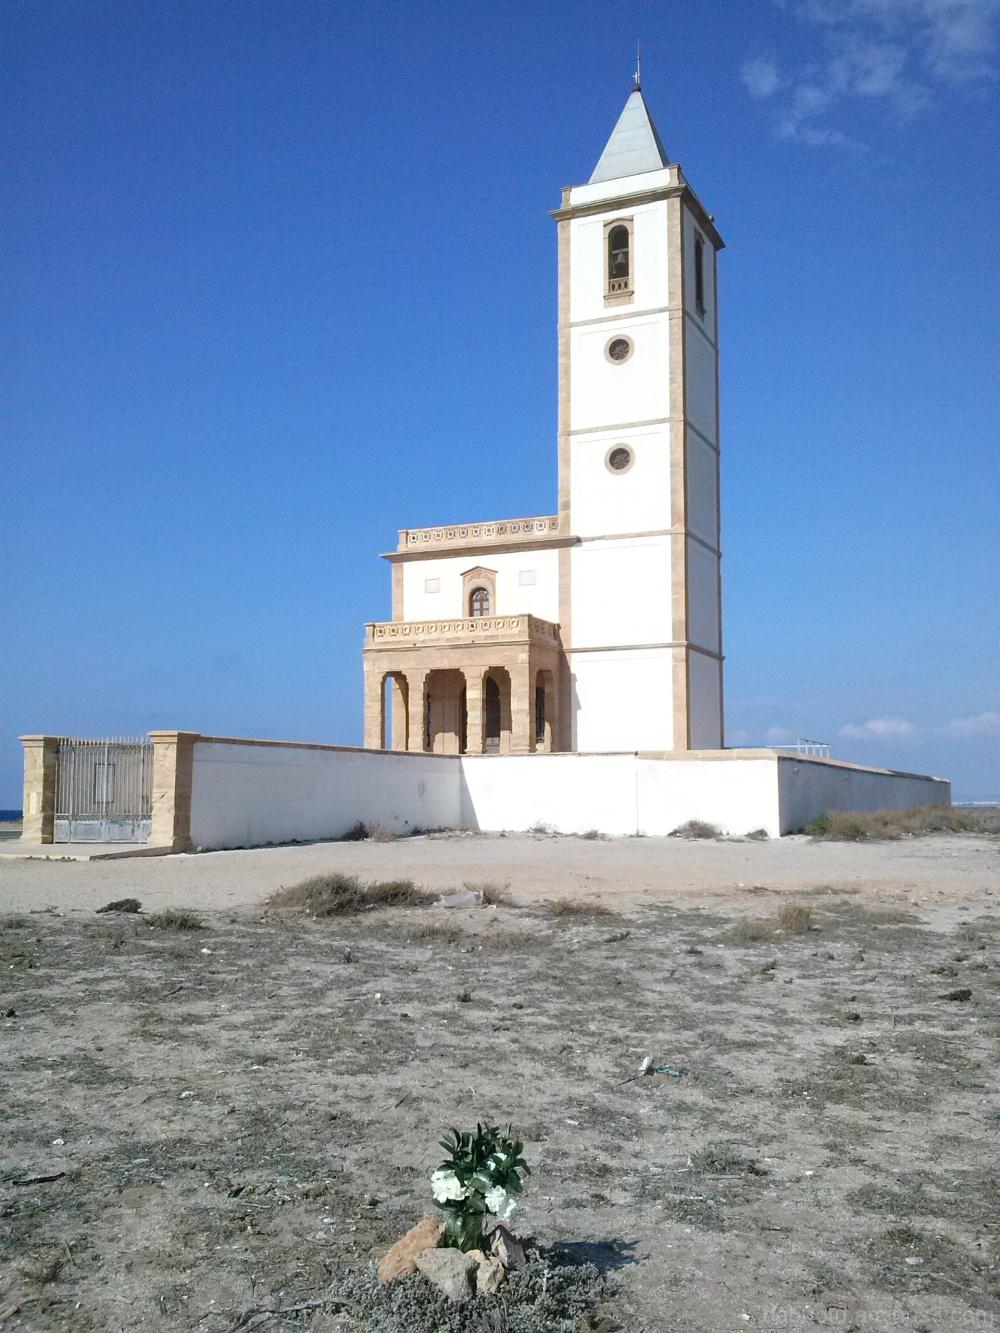 Church of the Almadraba, Cabo de Gata, Spain.